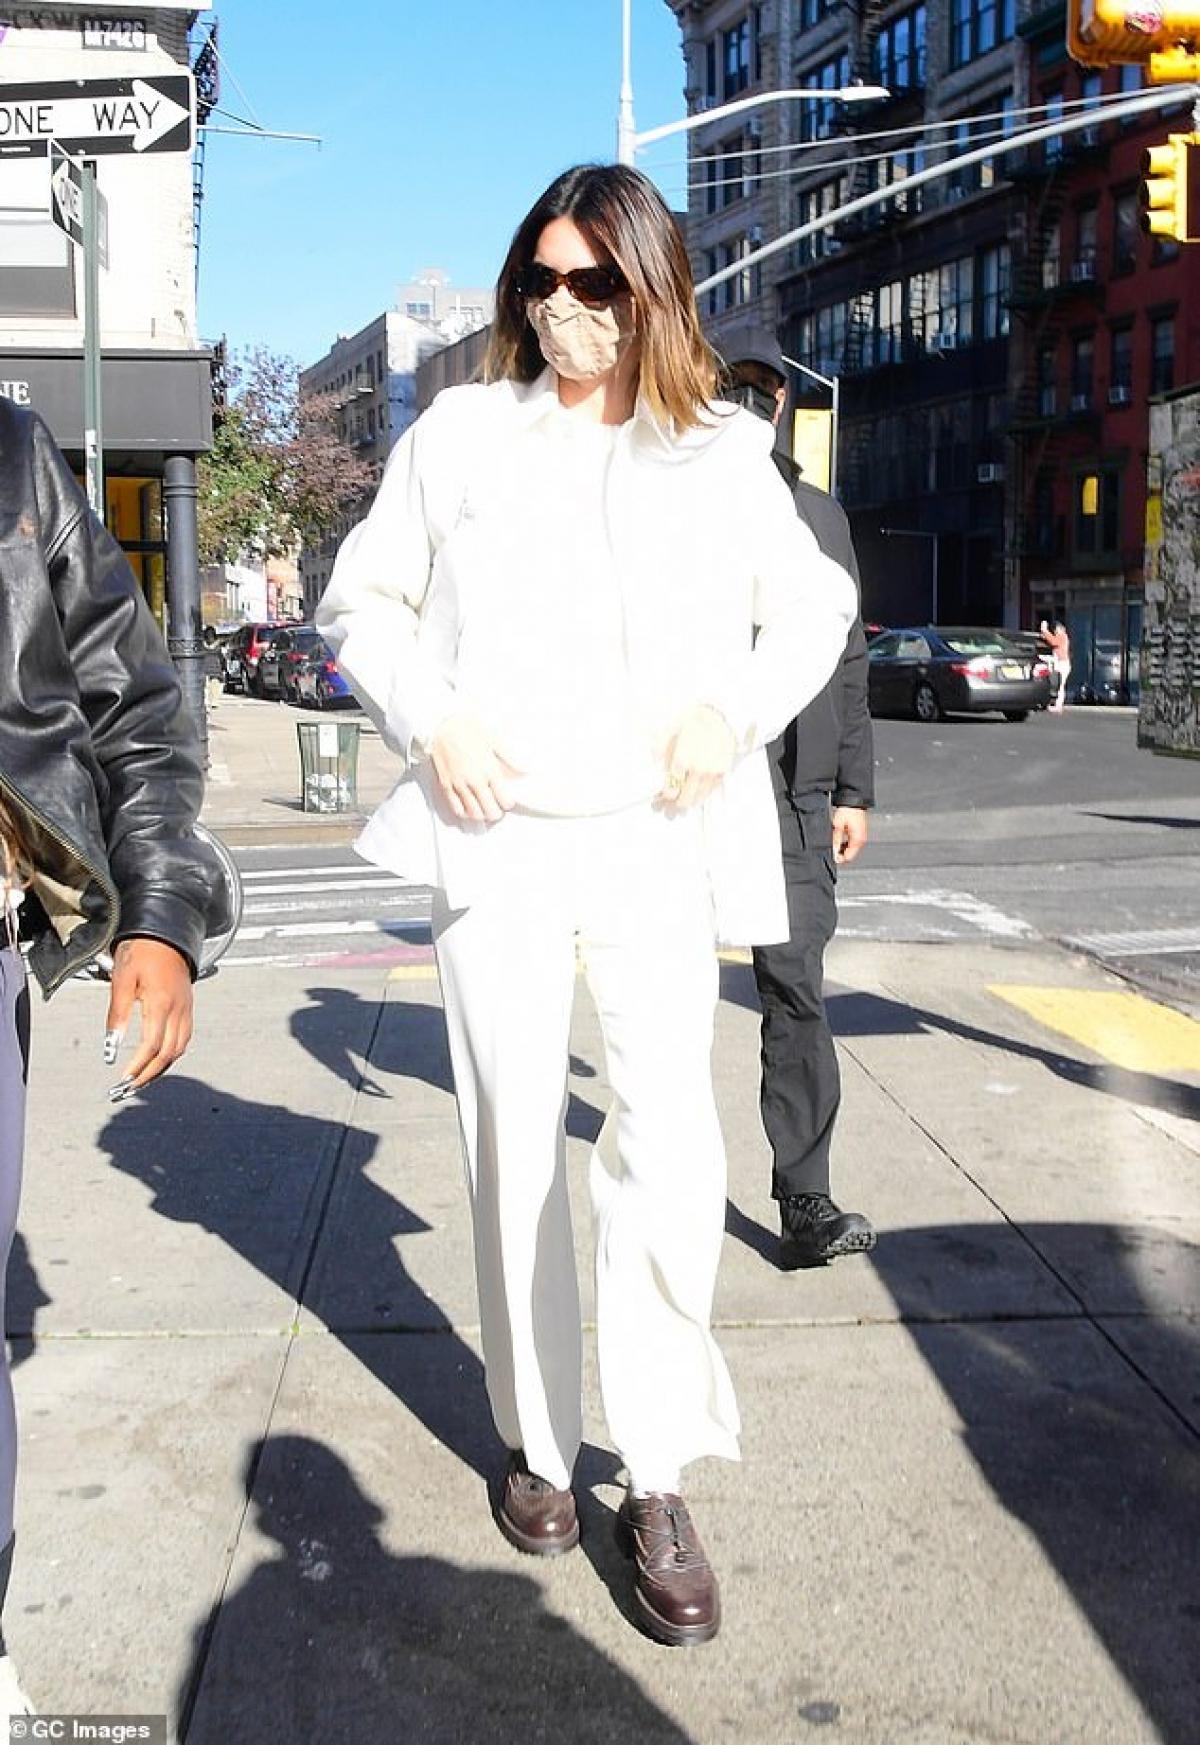 Tuy nhiên cô khẳng định, cô bị xoi sét kỹ càng hơn khi theo nghề người mẫu vì nhiều người không tin vào khả năng của cô. Chính vì vậy, để khẳng định bản thân, Kendall Jenner nói cô phải nỗ lực hơn nhiều hơn nữa./.